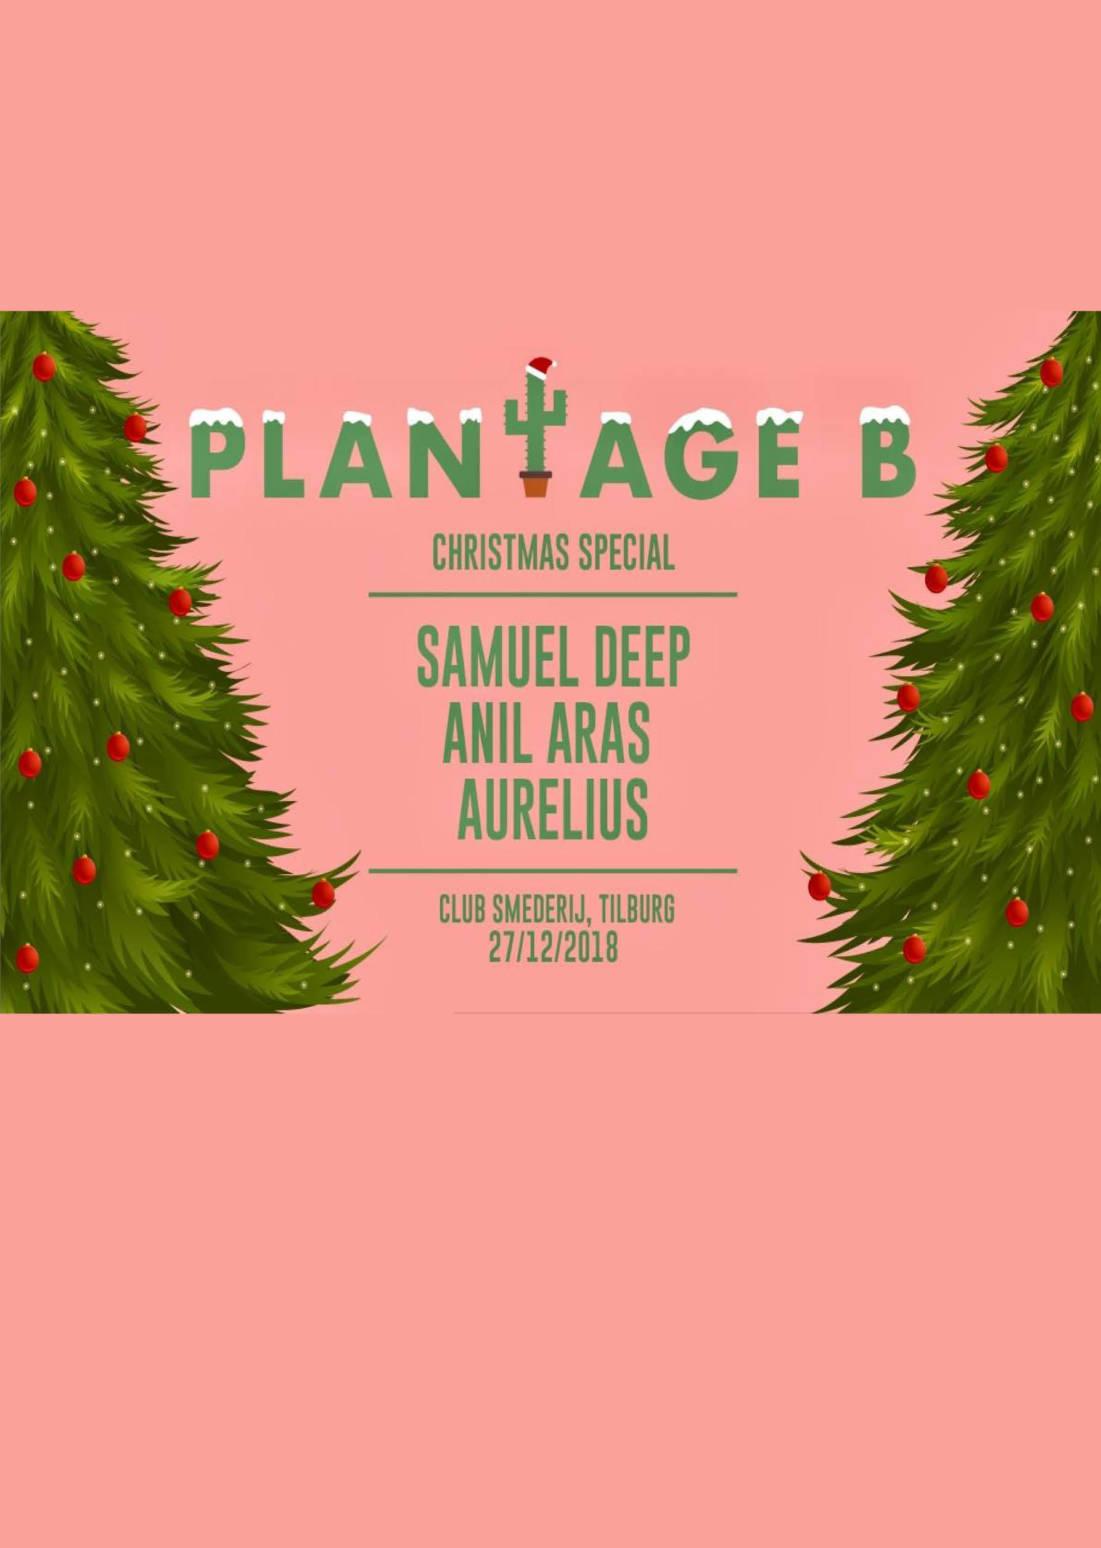 Plantage B | 3e Kerstdag Special